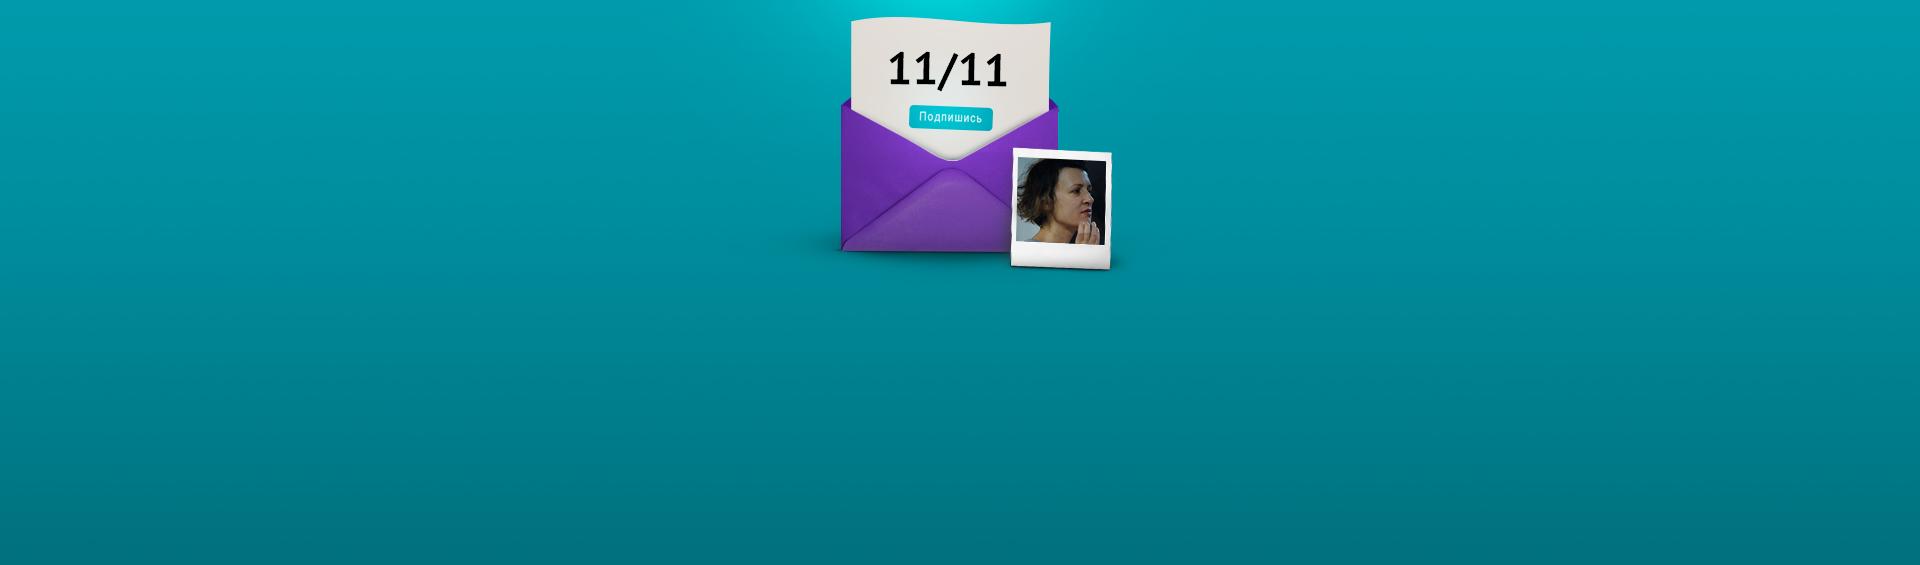 Ната Покровская, «11/11». Как письма для друзей превратились в рассылку на 4 000 подписчиков